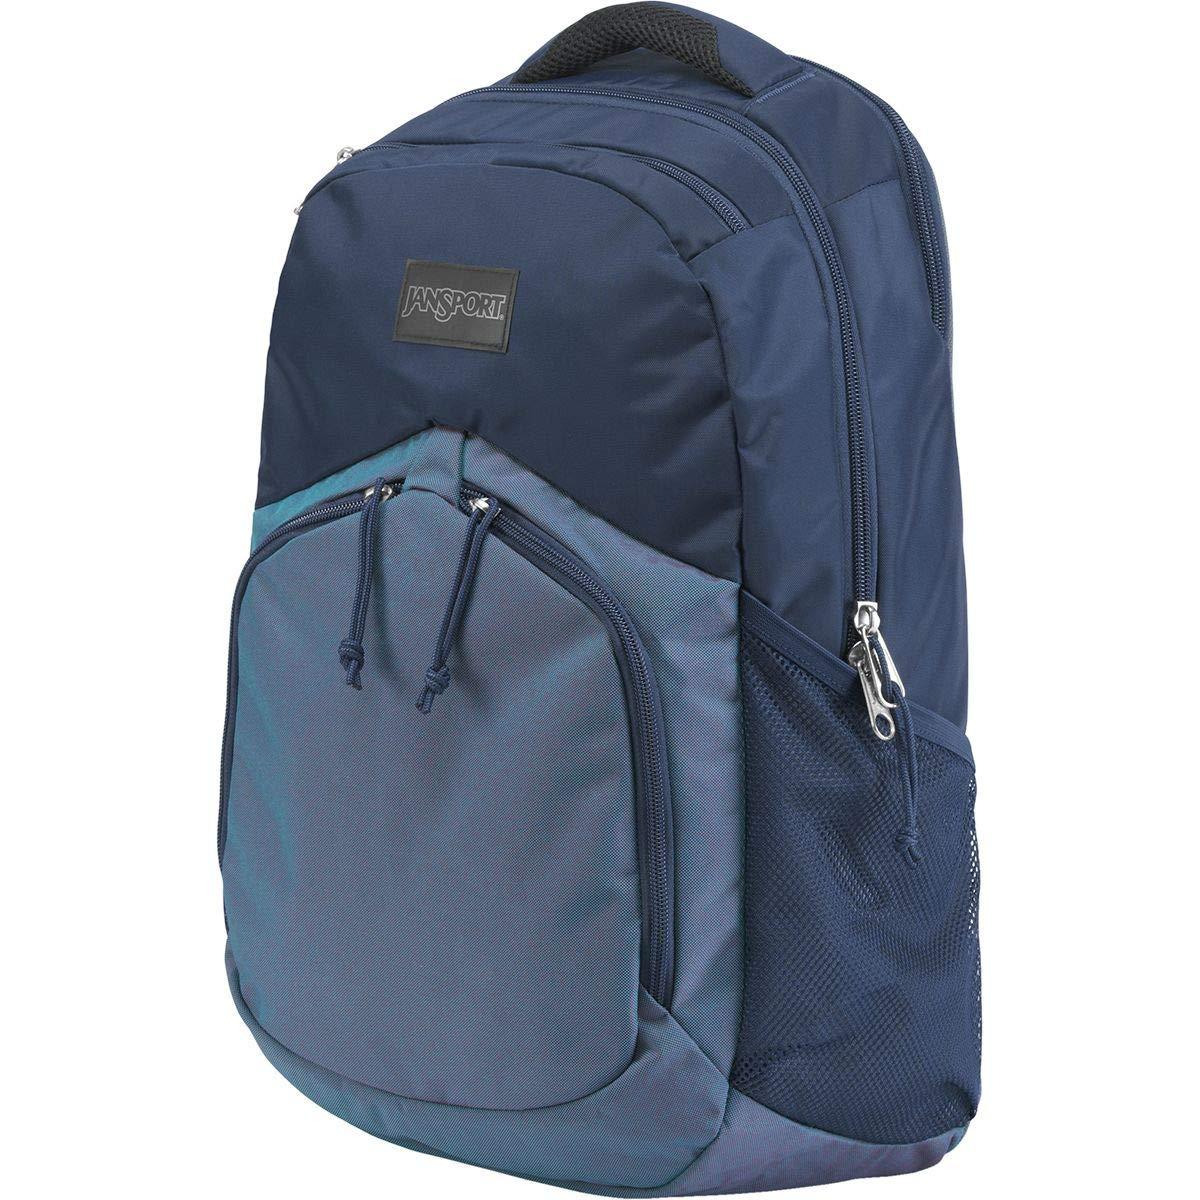 [ジャンスポーツ] メンズ バックパックリュックサック Recruit 2.0 Digital Edition 34L Backpack [並行輸入品] No-Size  B07NZM9BJB